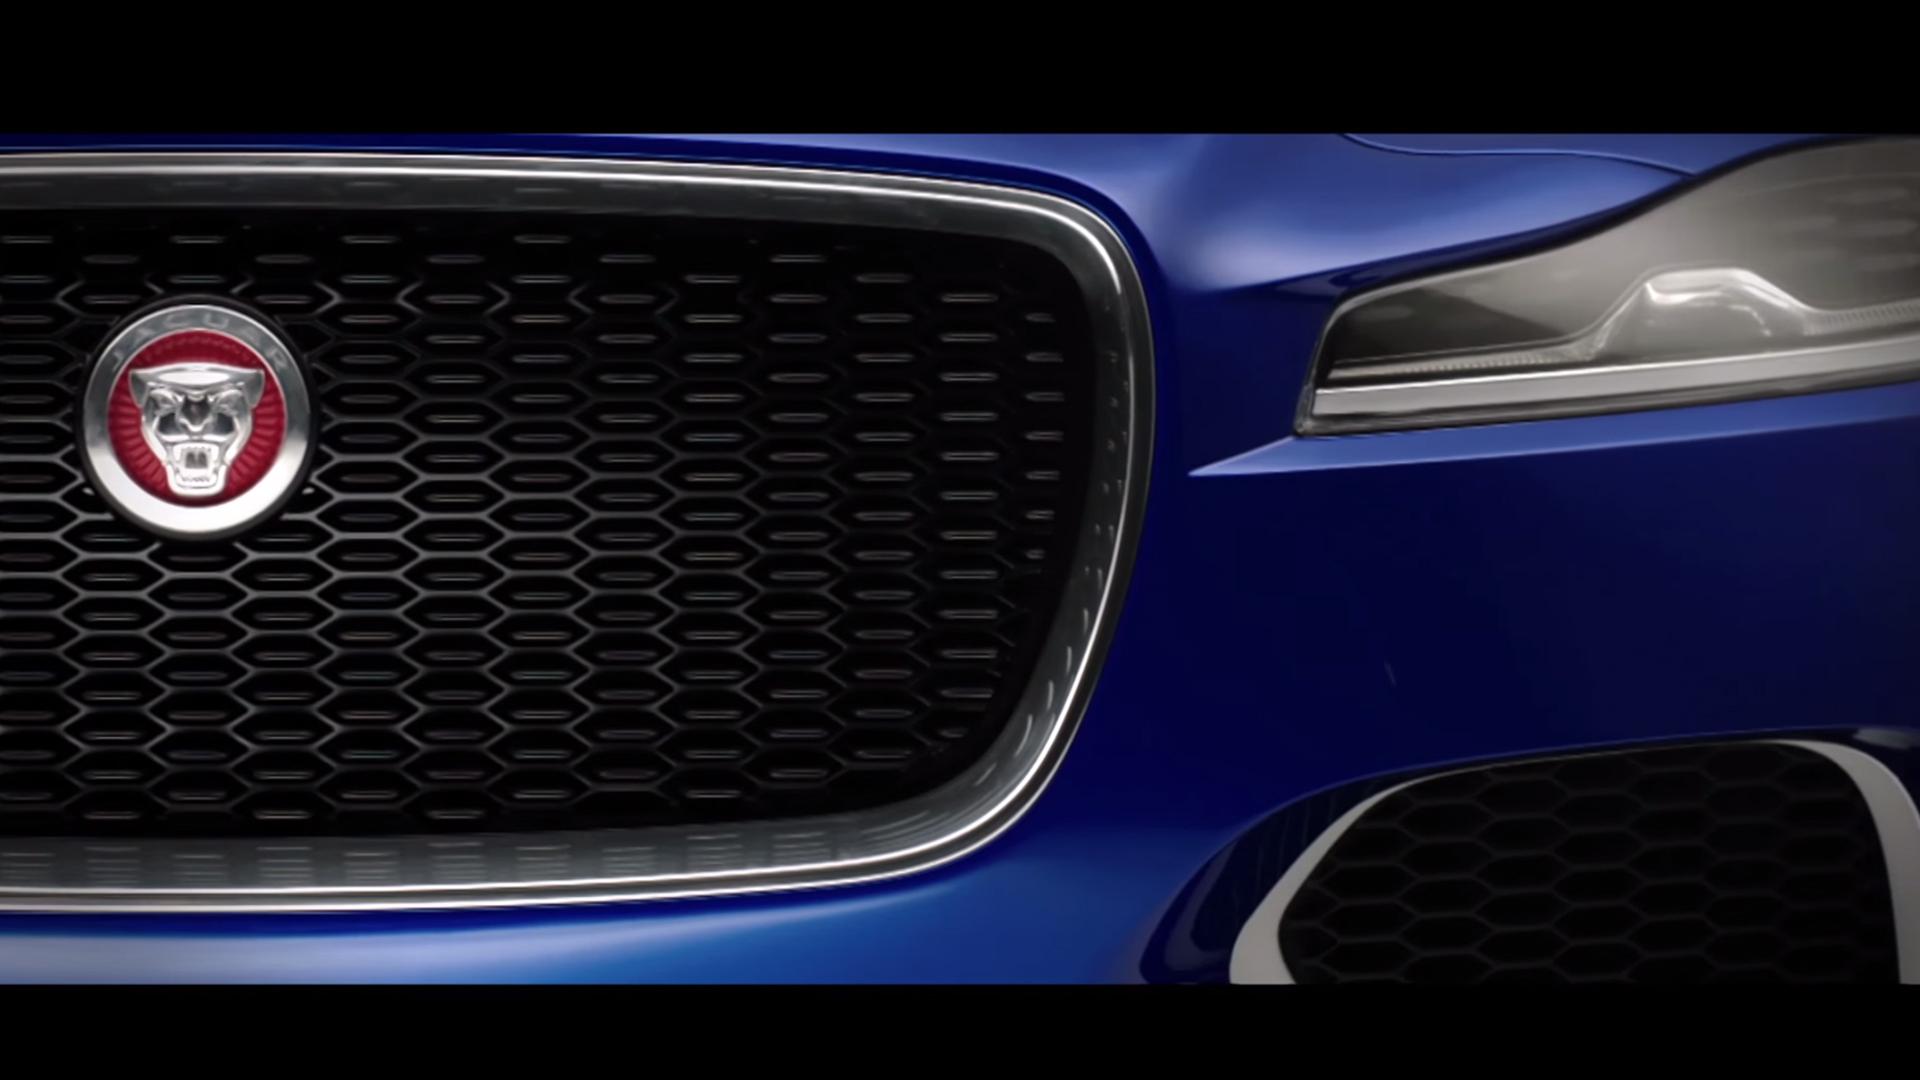 Jaguar F-PACE - avant / front - teaser